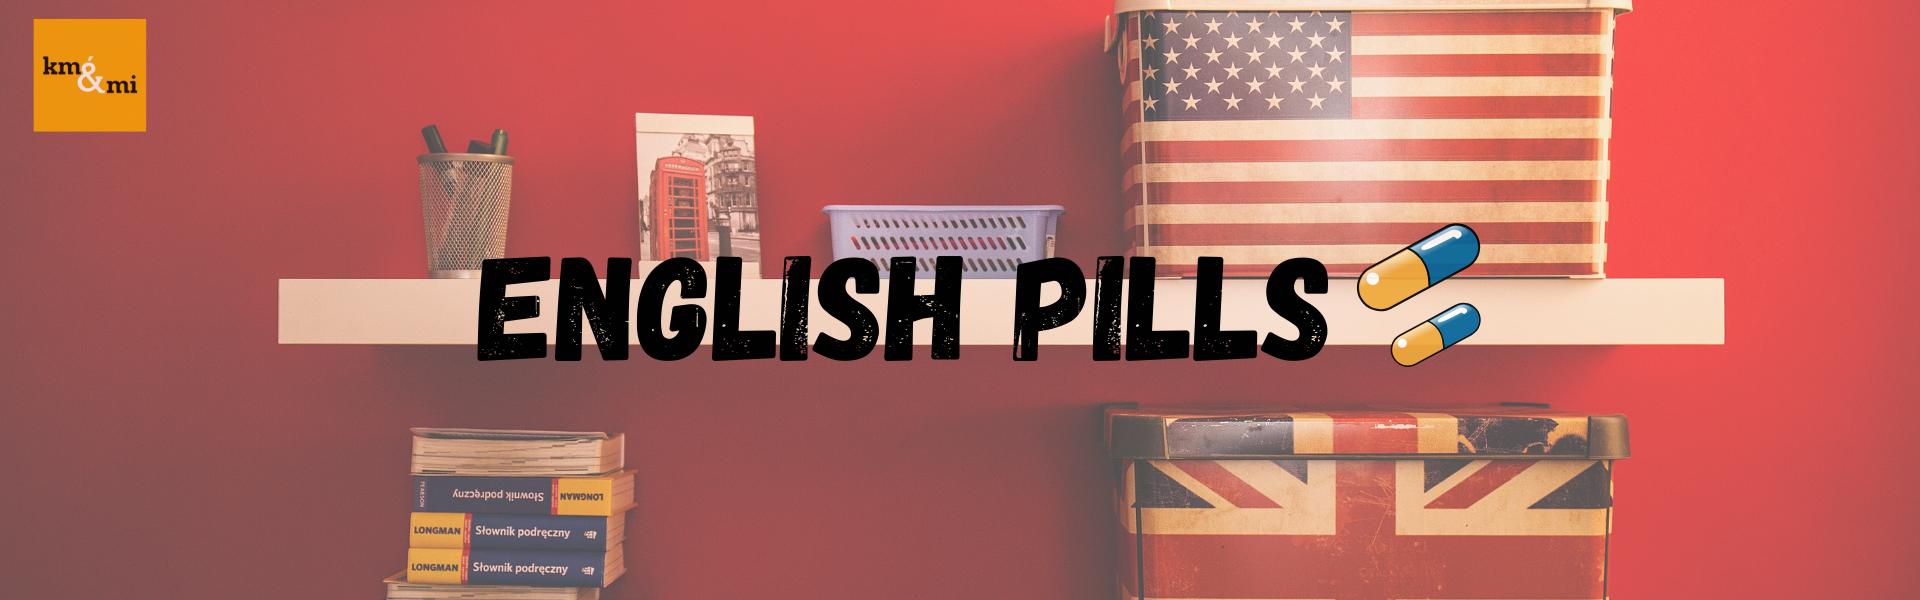 english-pills